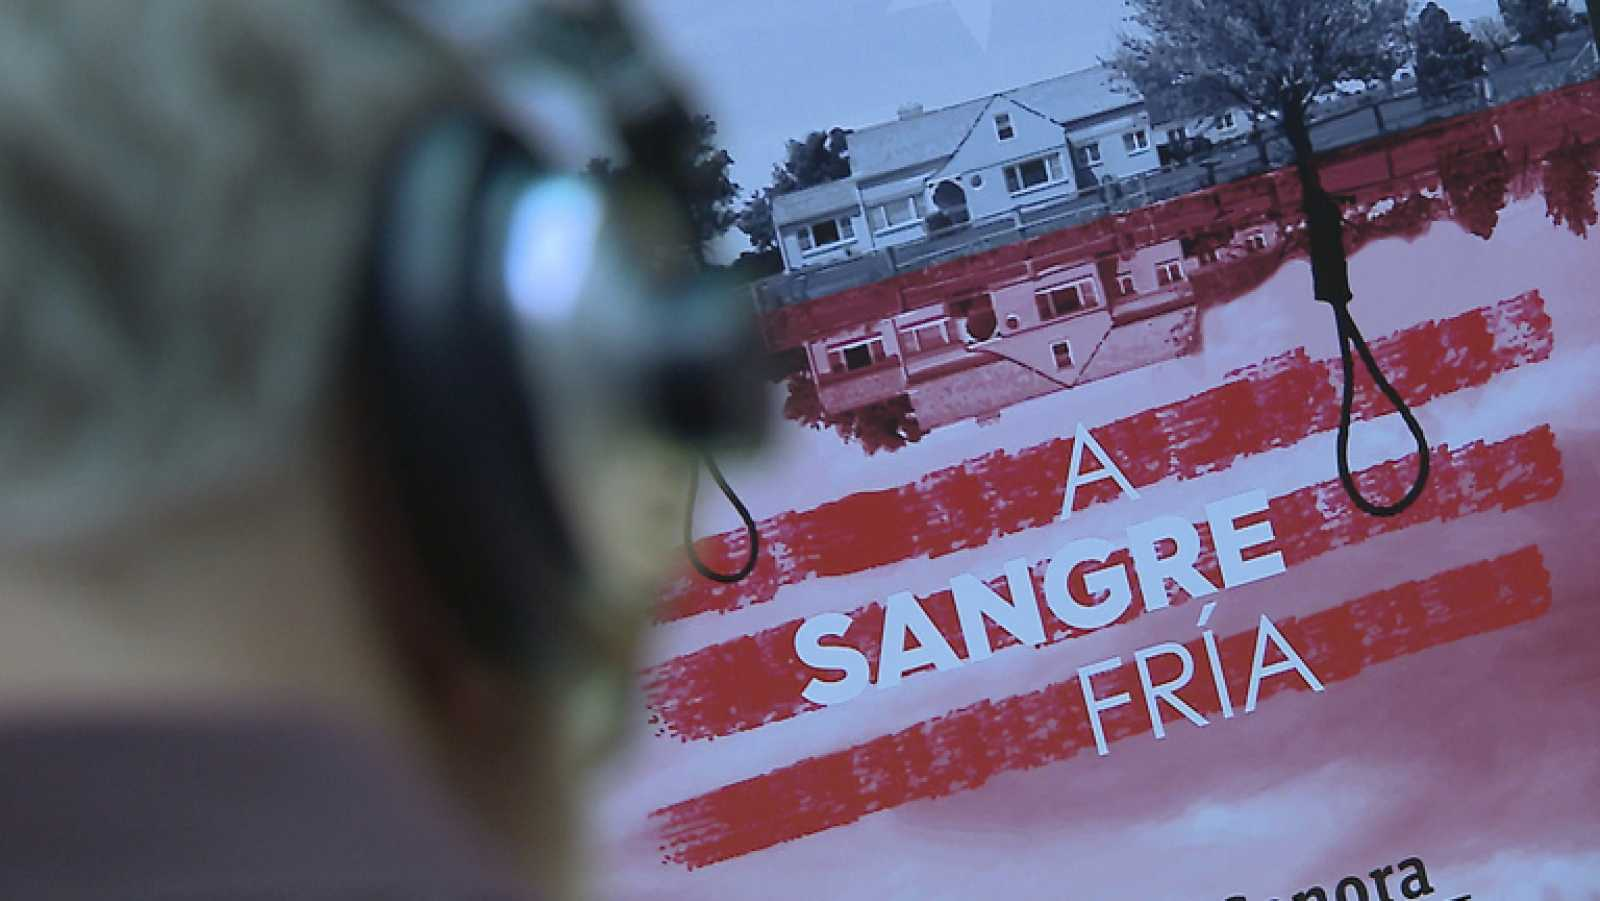 Ficción sonora - 'A sangre fría': entra en la mente de un asesino - Ver ahora